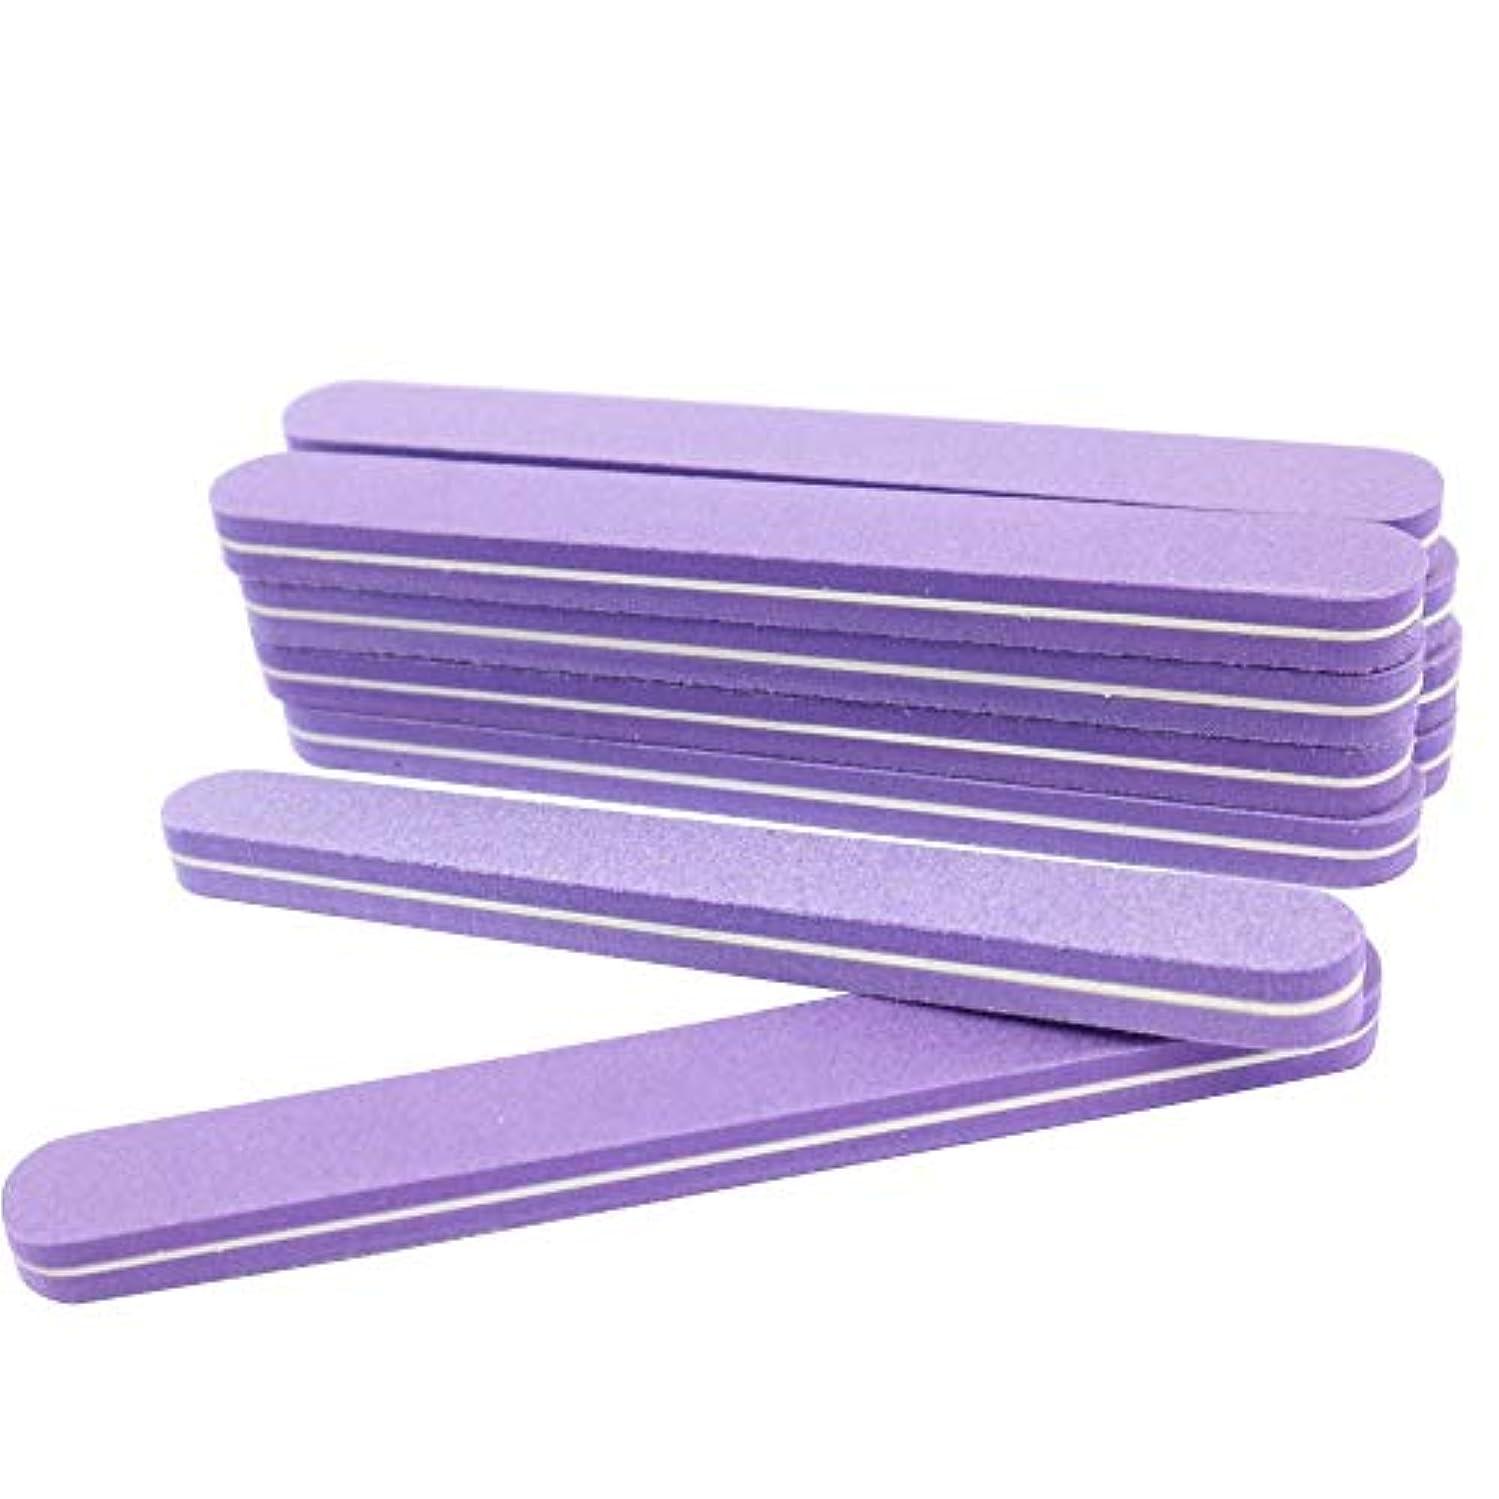 怠惰プログラム上げる(値下げ)ネイル用 2WAYシャイナー 10本セット おうちで爪磨き 選べる2タイプ (形状:ストレート)